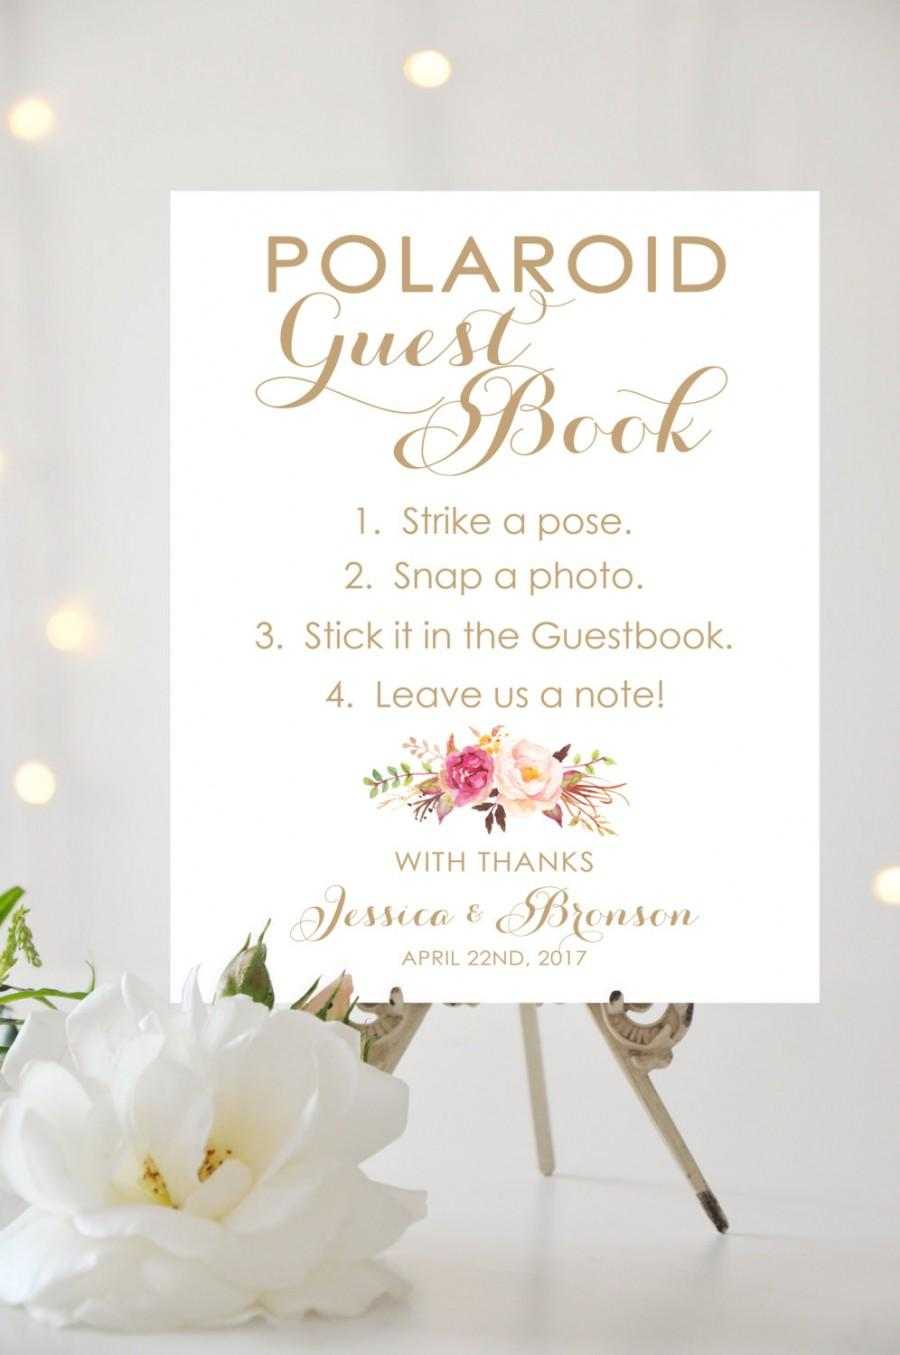 زفاف - Polaroid Guest Book Sign - 8 x 10 or 11 x 14 sign - Personalized sign - Vintage Antique Gold - I Create and You Print